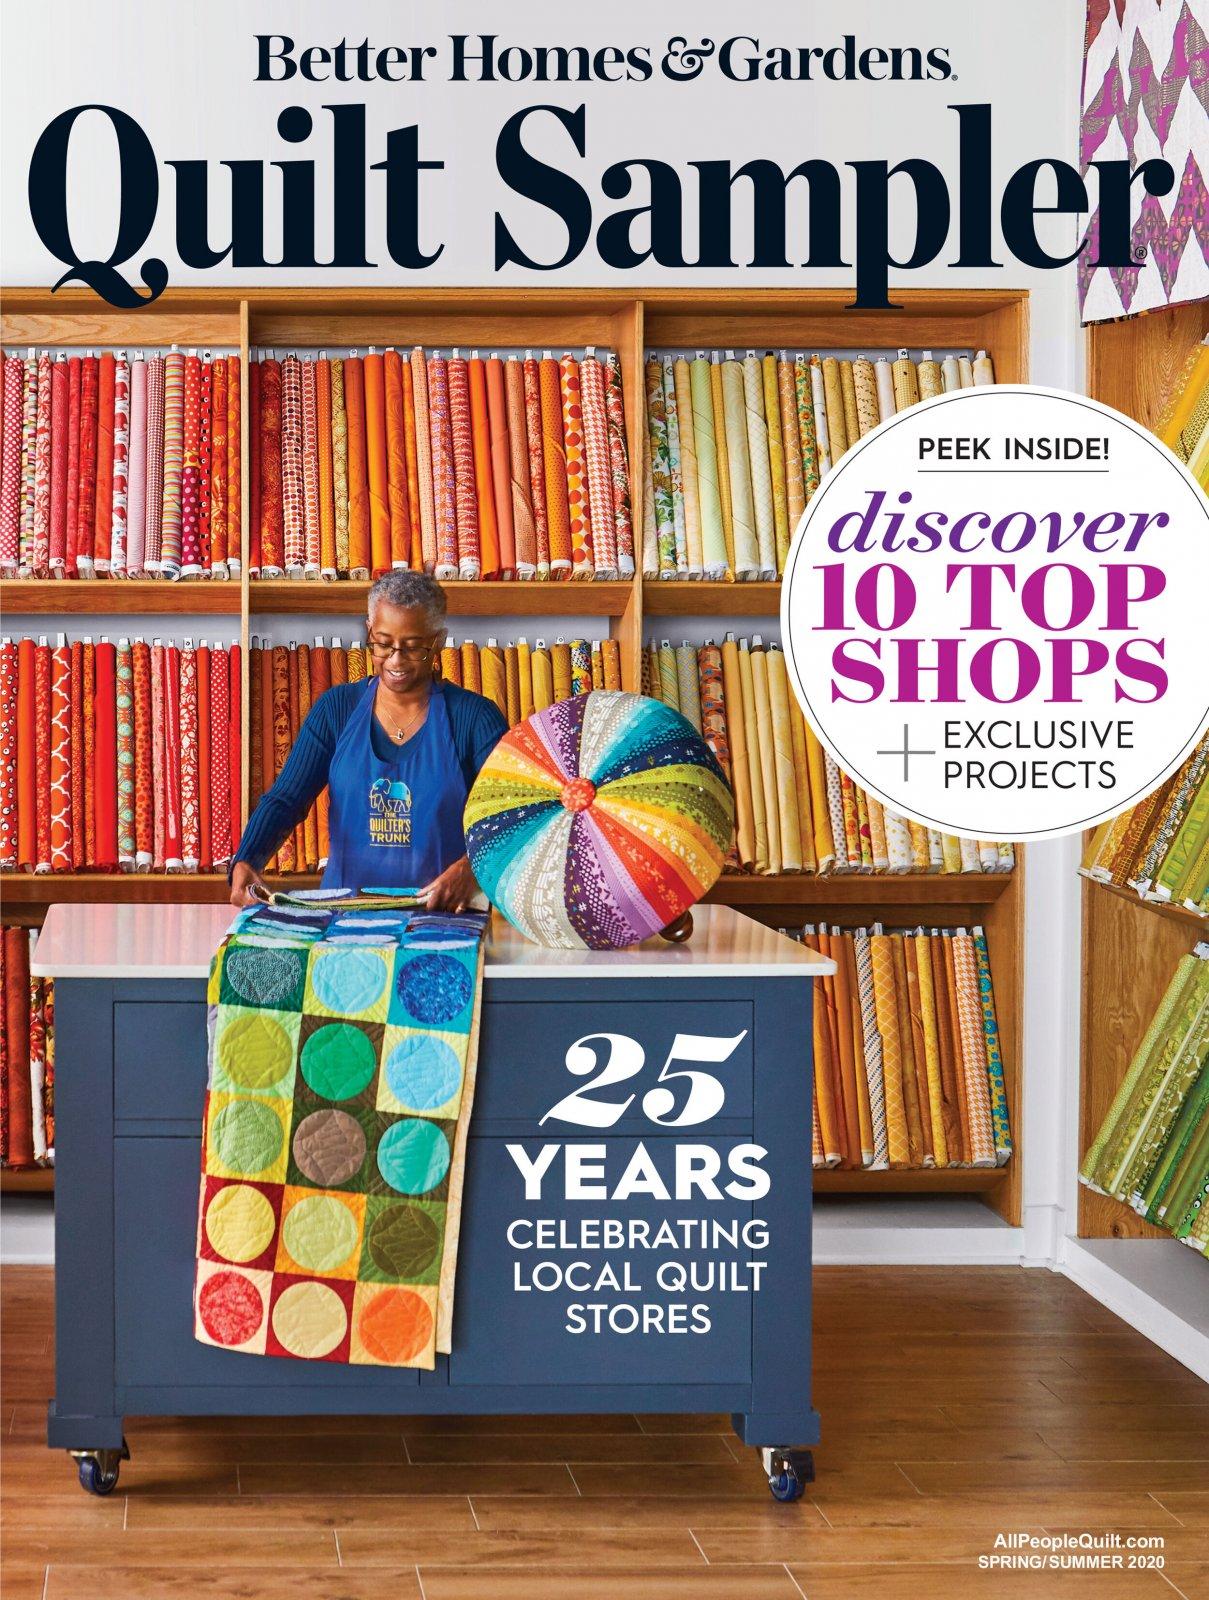 Quilt Sampler Spring/Summer 2020